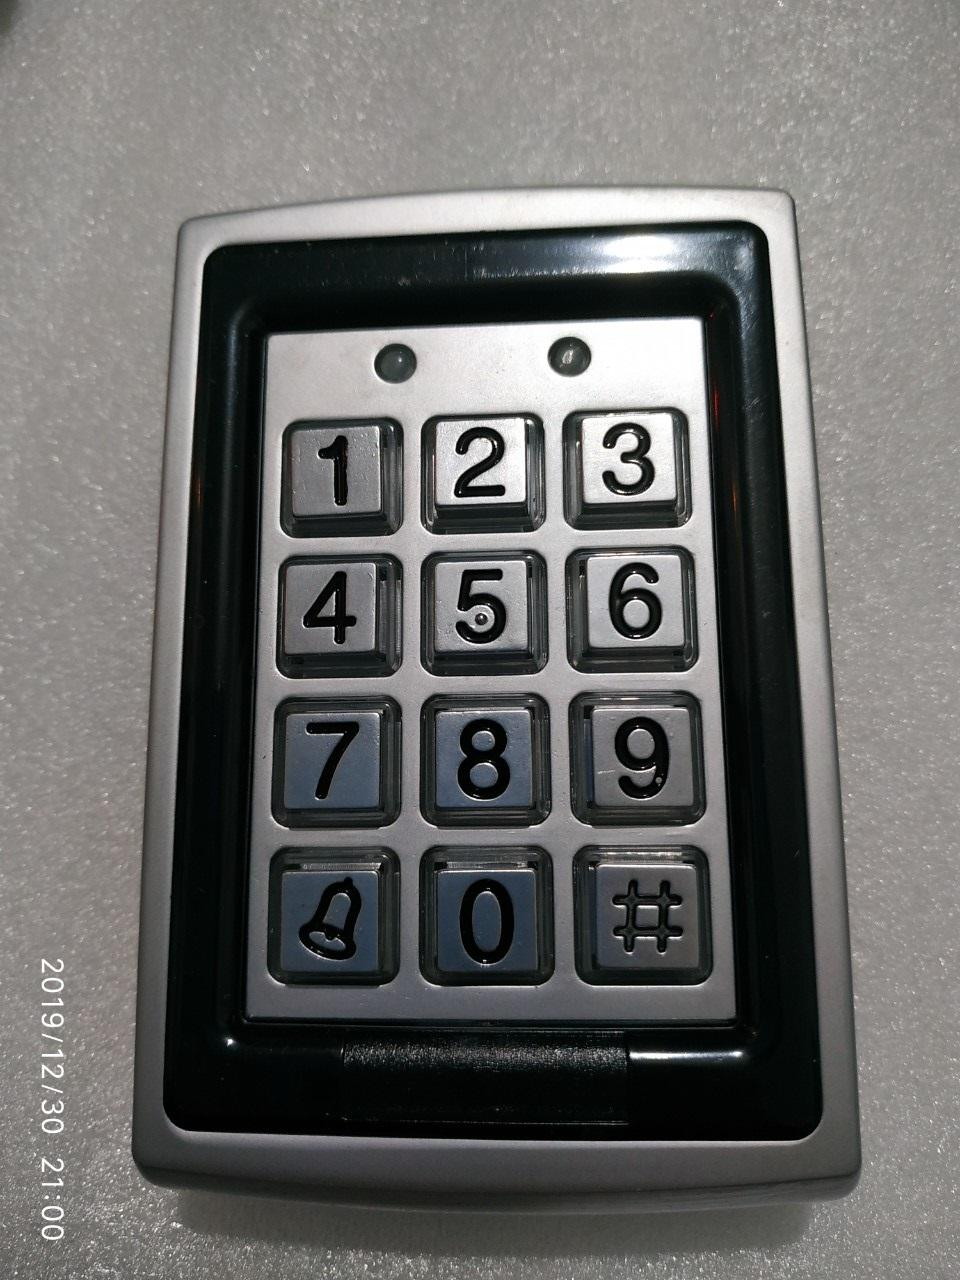 Bàn Phím số cửa cổng Keypad - tích hợp đầu đọc thẻ từ RFID, vỏ Inox bền đẹp